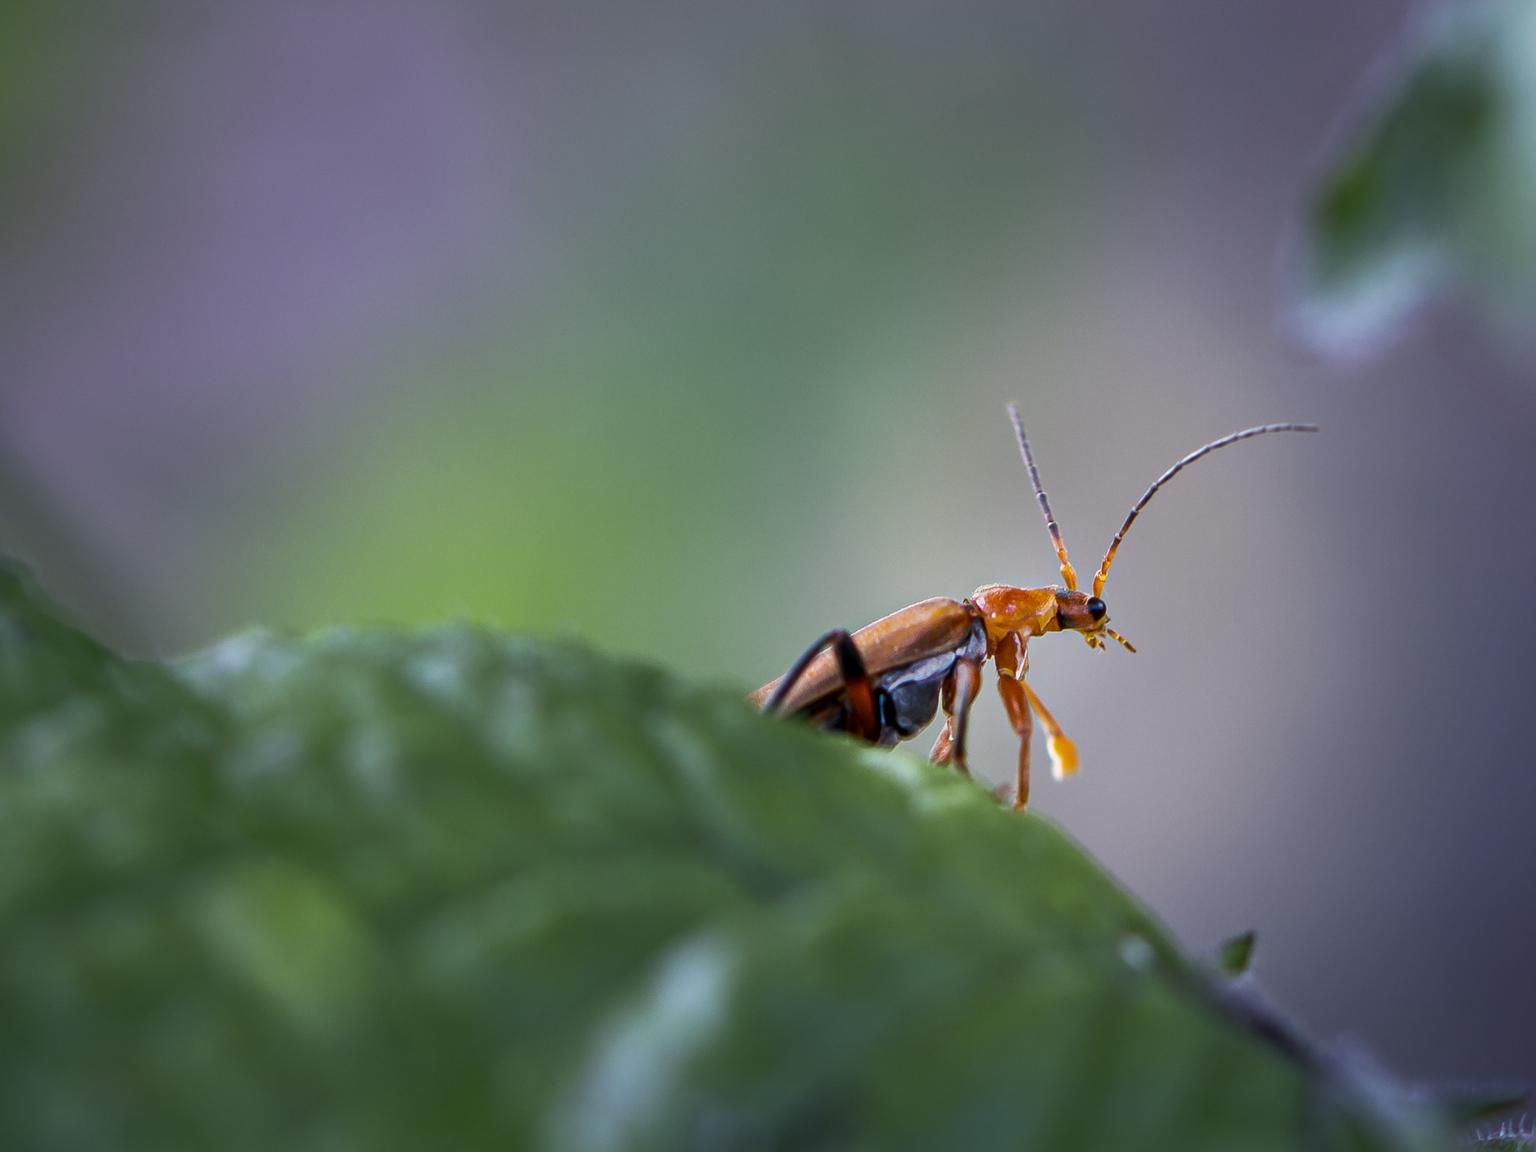 M A C R O - macro in eigen tuin - foto door Lucimage op 12-04-2021 - locatie: België - deze foto bevat: macro, tuin, insecten, geleedpotigen, insect, plaag, terrestrische plant, parasiet, fabriek, membraan-gevleugeld insect, macrofotografie, ongewervelden, dieren in het wild